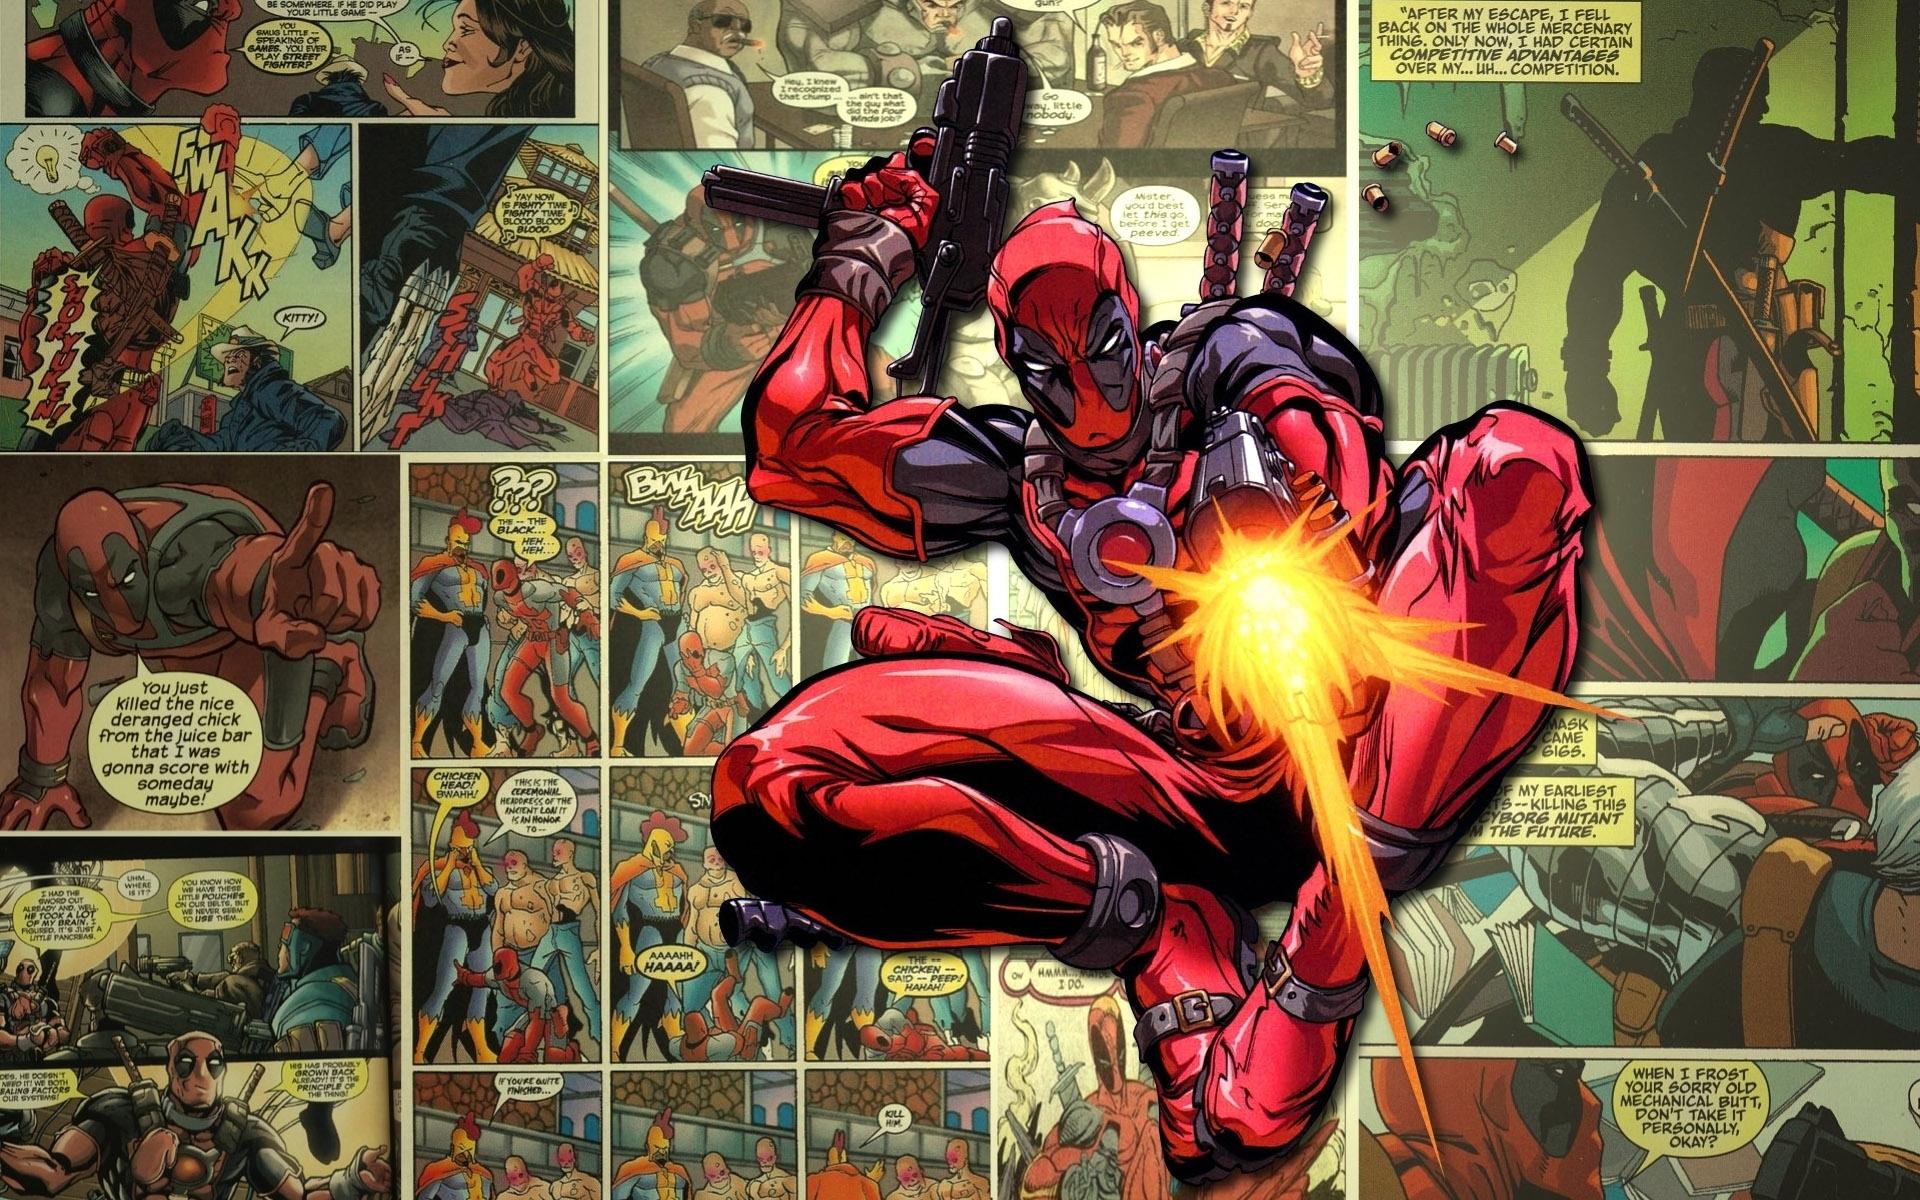 wallpaper.wiki-comic-book-hd-wallpaper-pic-wpe0011066 - wallpaper.wiki